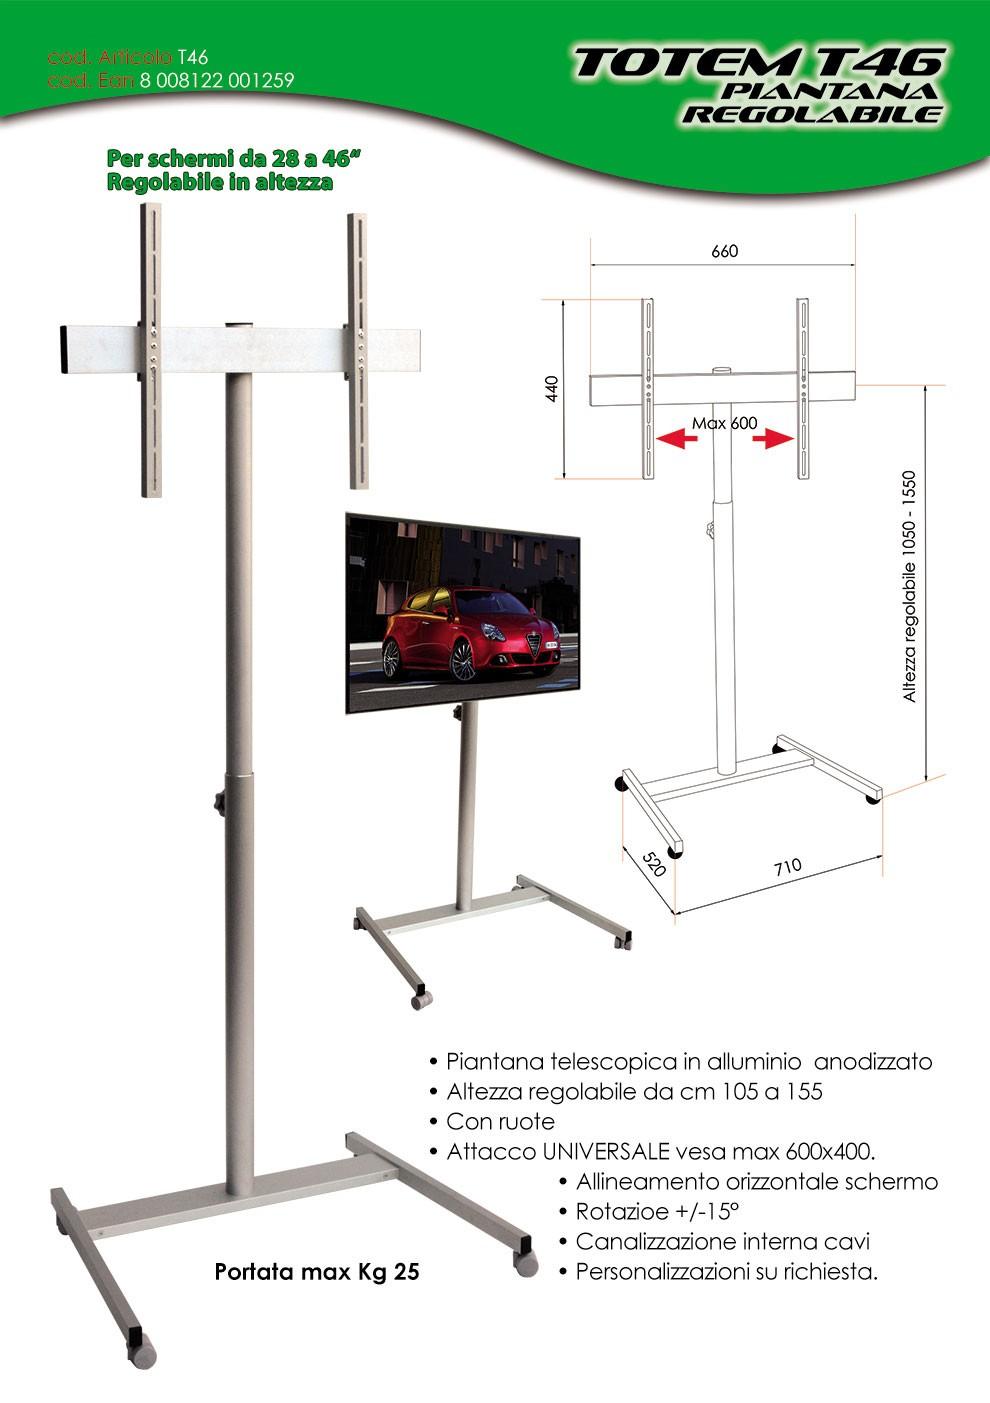 carrello-porta-tv-totem-t46-2.jpg